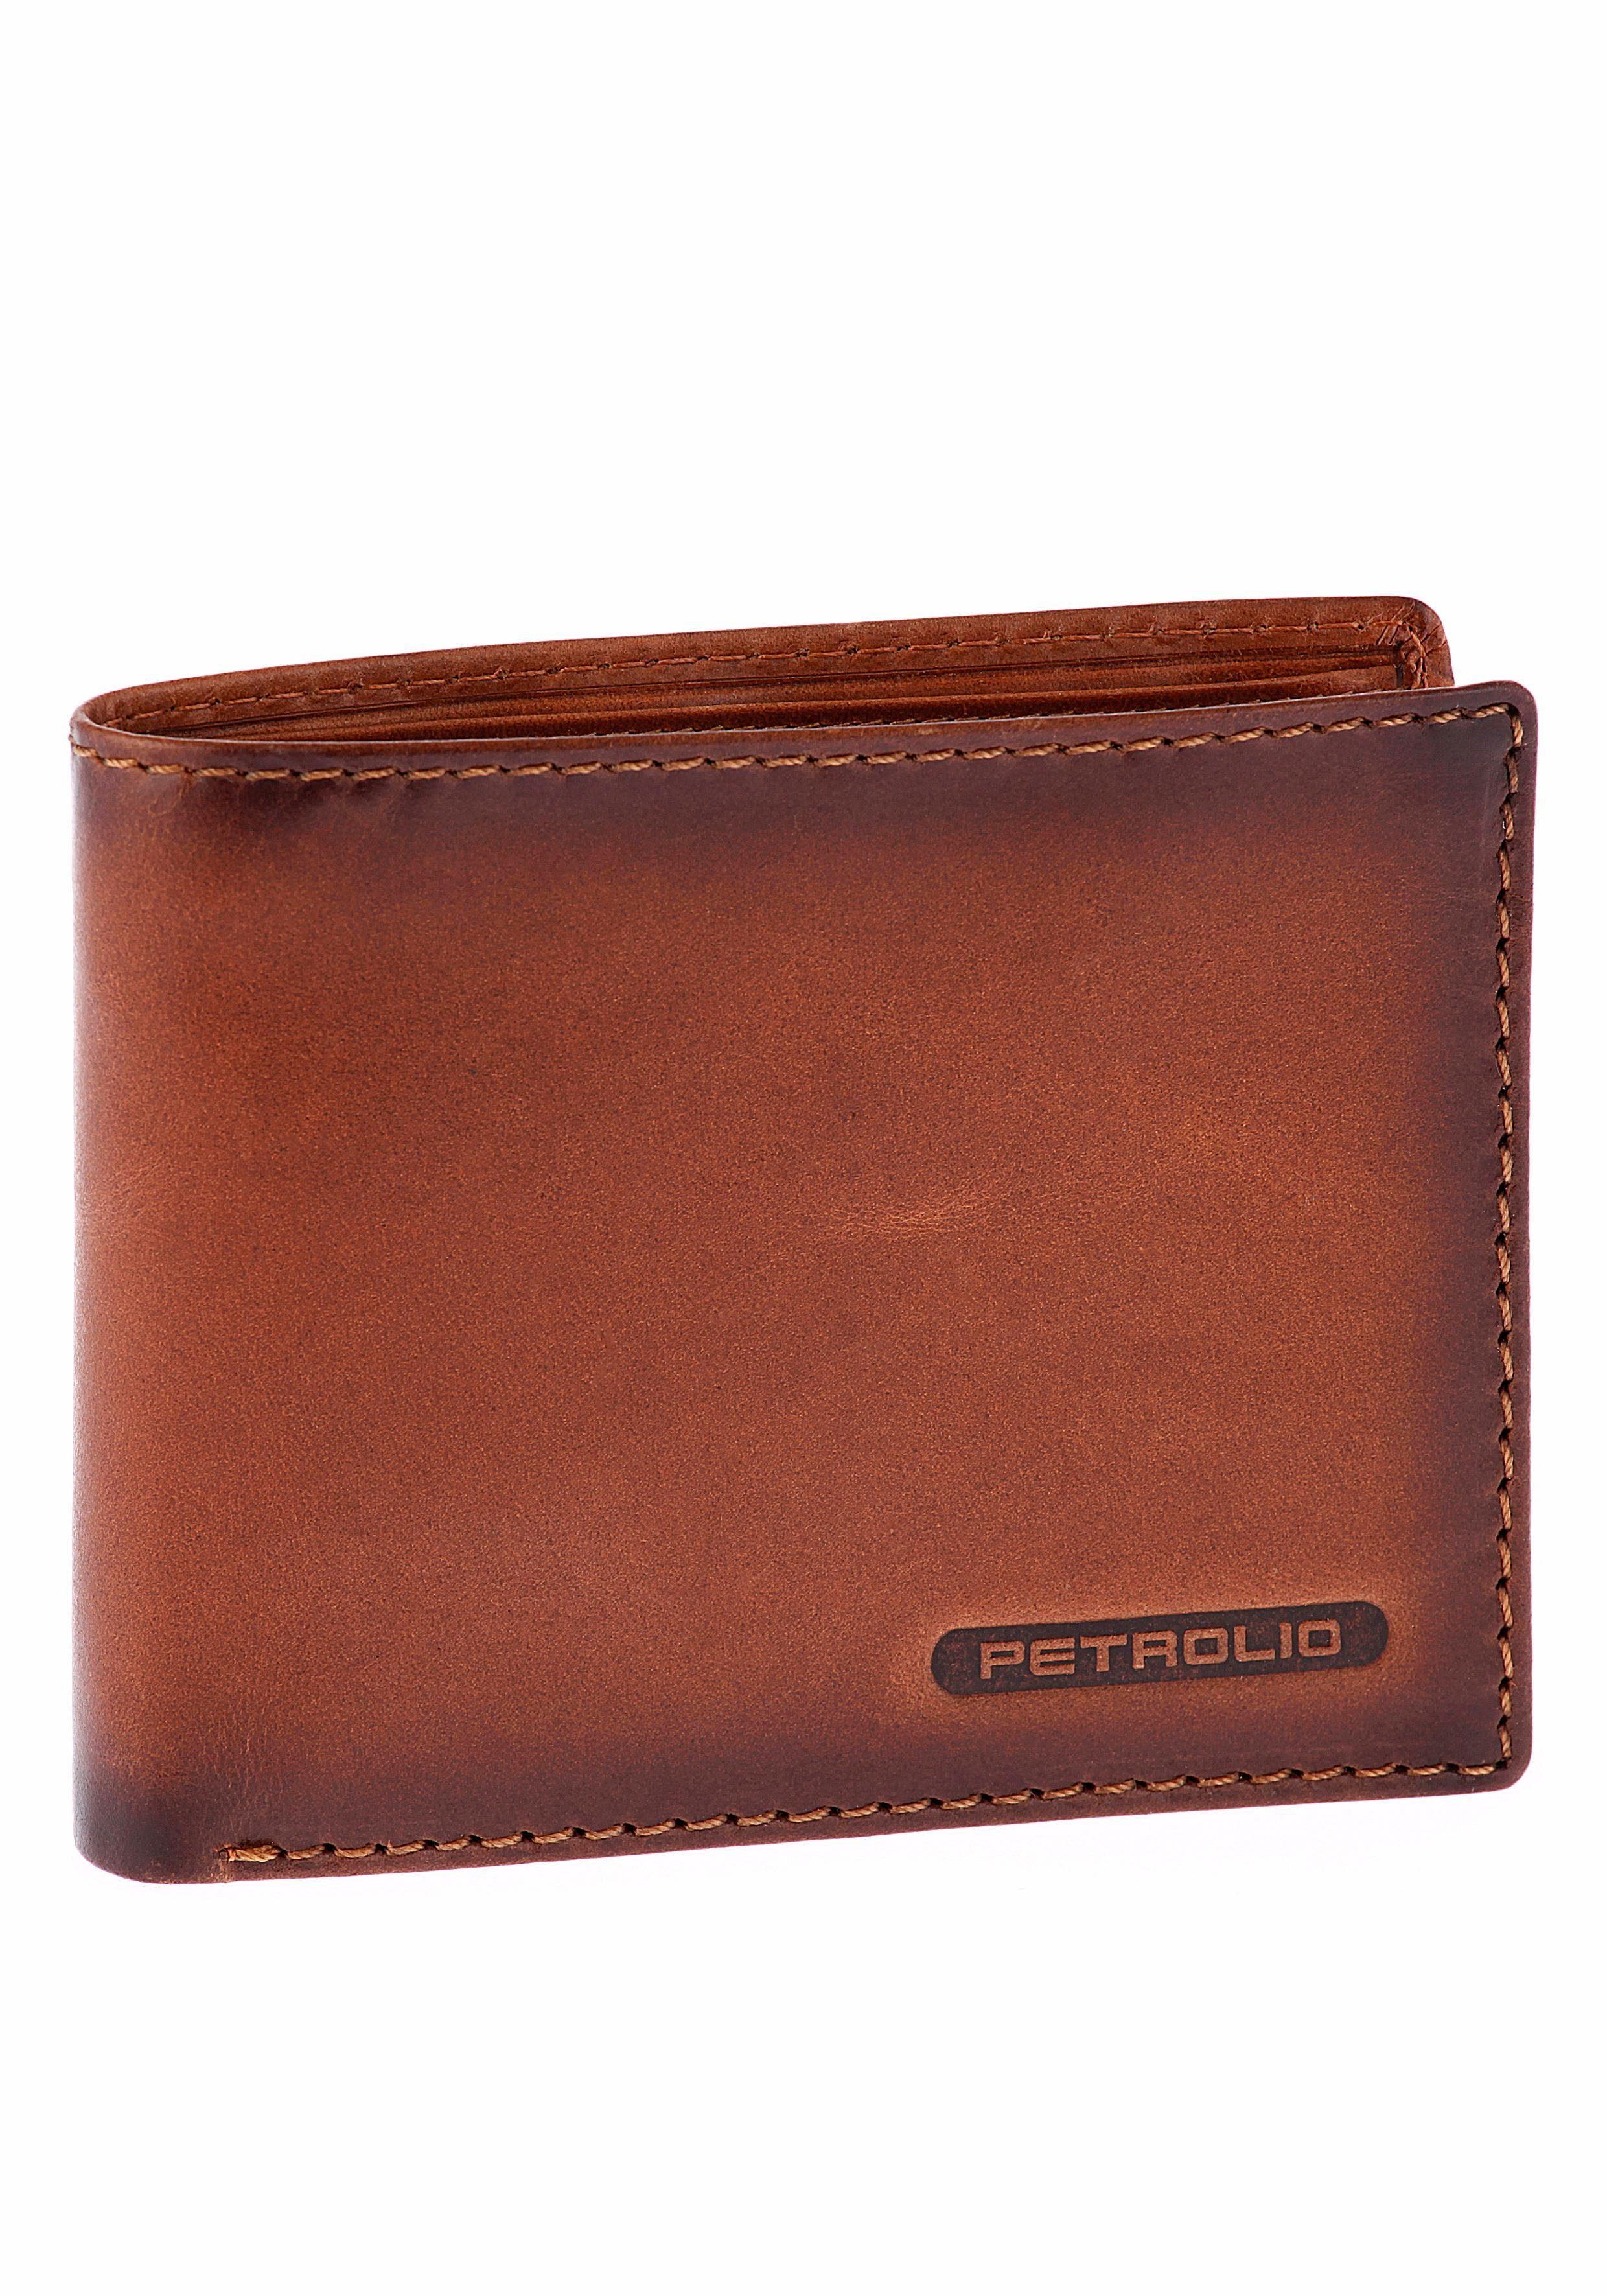 PETROLIO Geldbörse, aus Leder im leichten Used Look in Geschenkbox